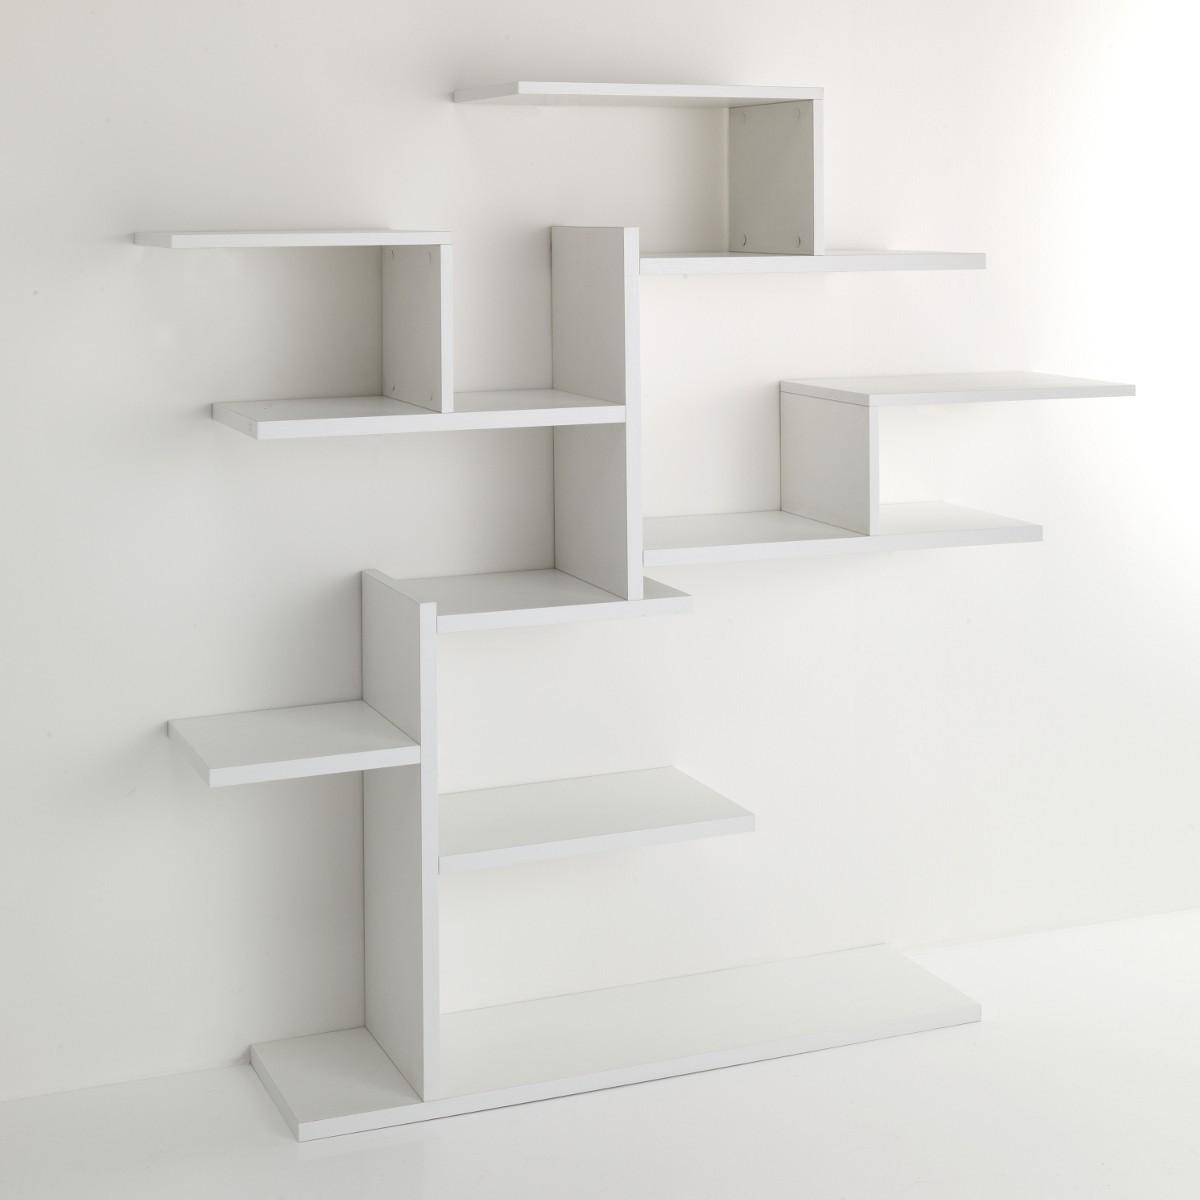 Libreria ad albero plant da parete in legno bianco 150 x for Cubi da parete ikea